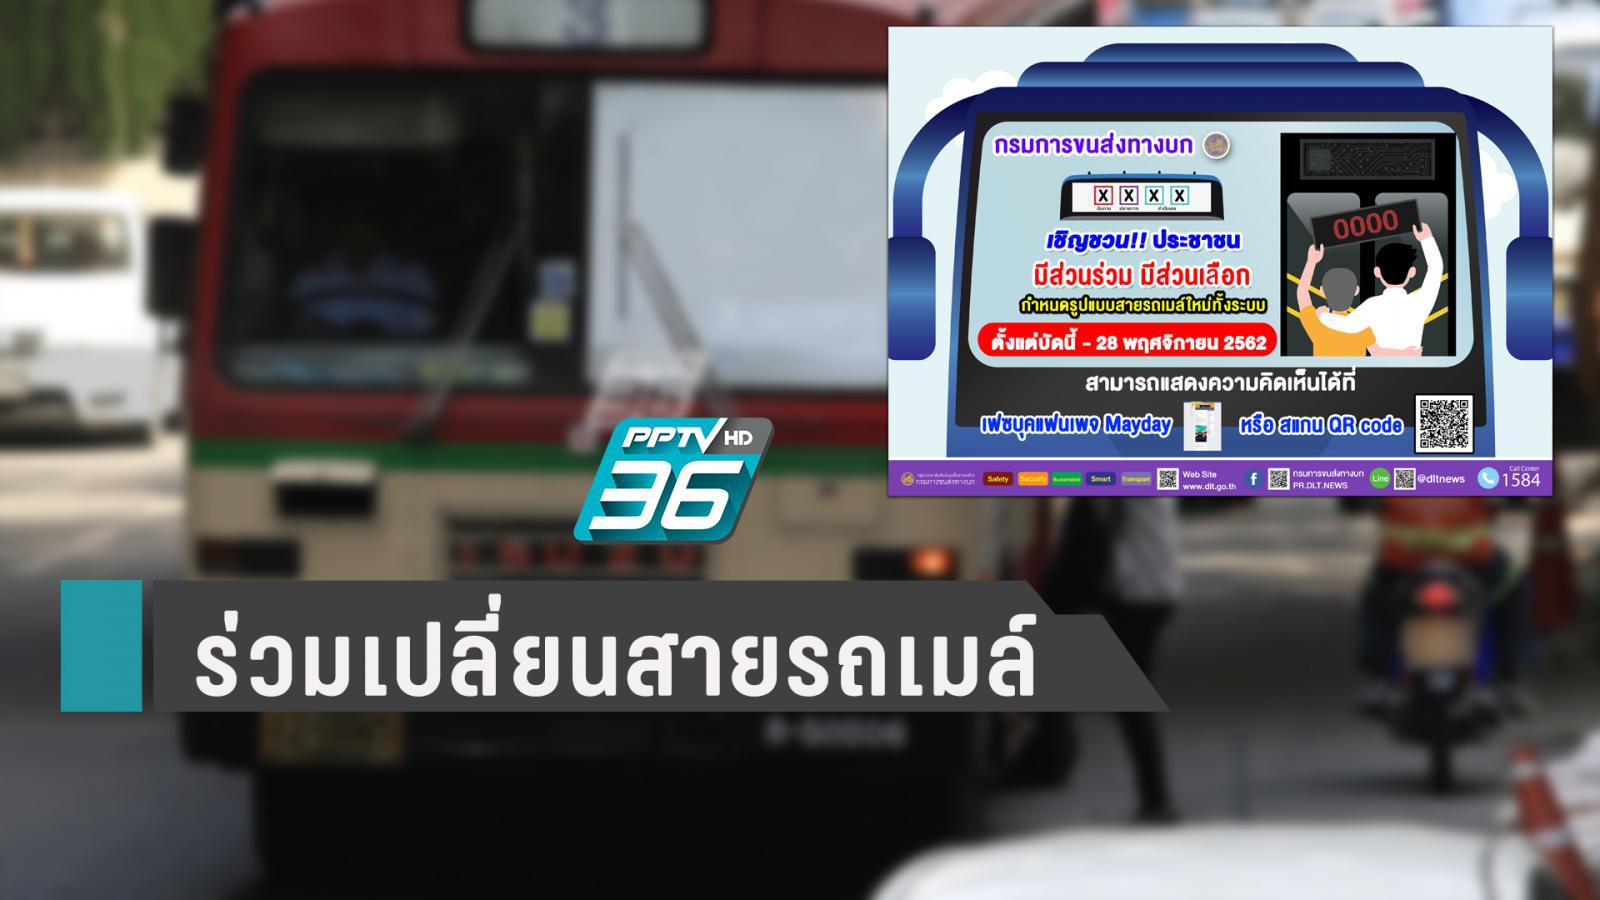 ร่วมโหวต 'เปลี่ยนหมายเลขรถเมล์ ' ผ่านเฟซบุ๊กแฟนเพจ Mayday 21 - 28 พ.ย.นี้